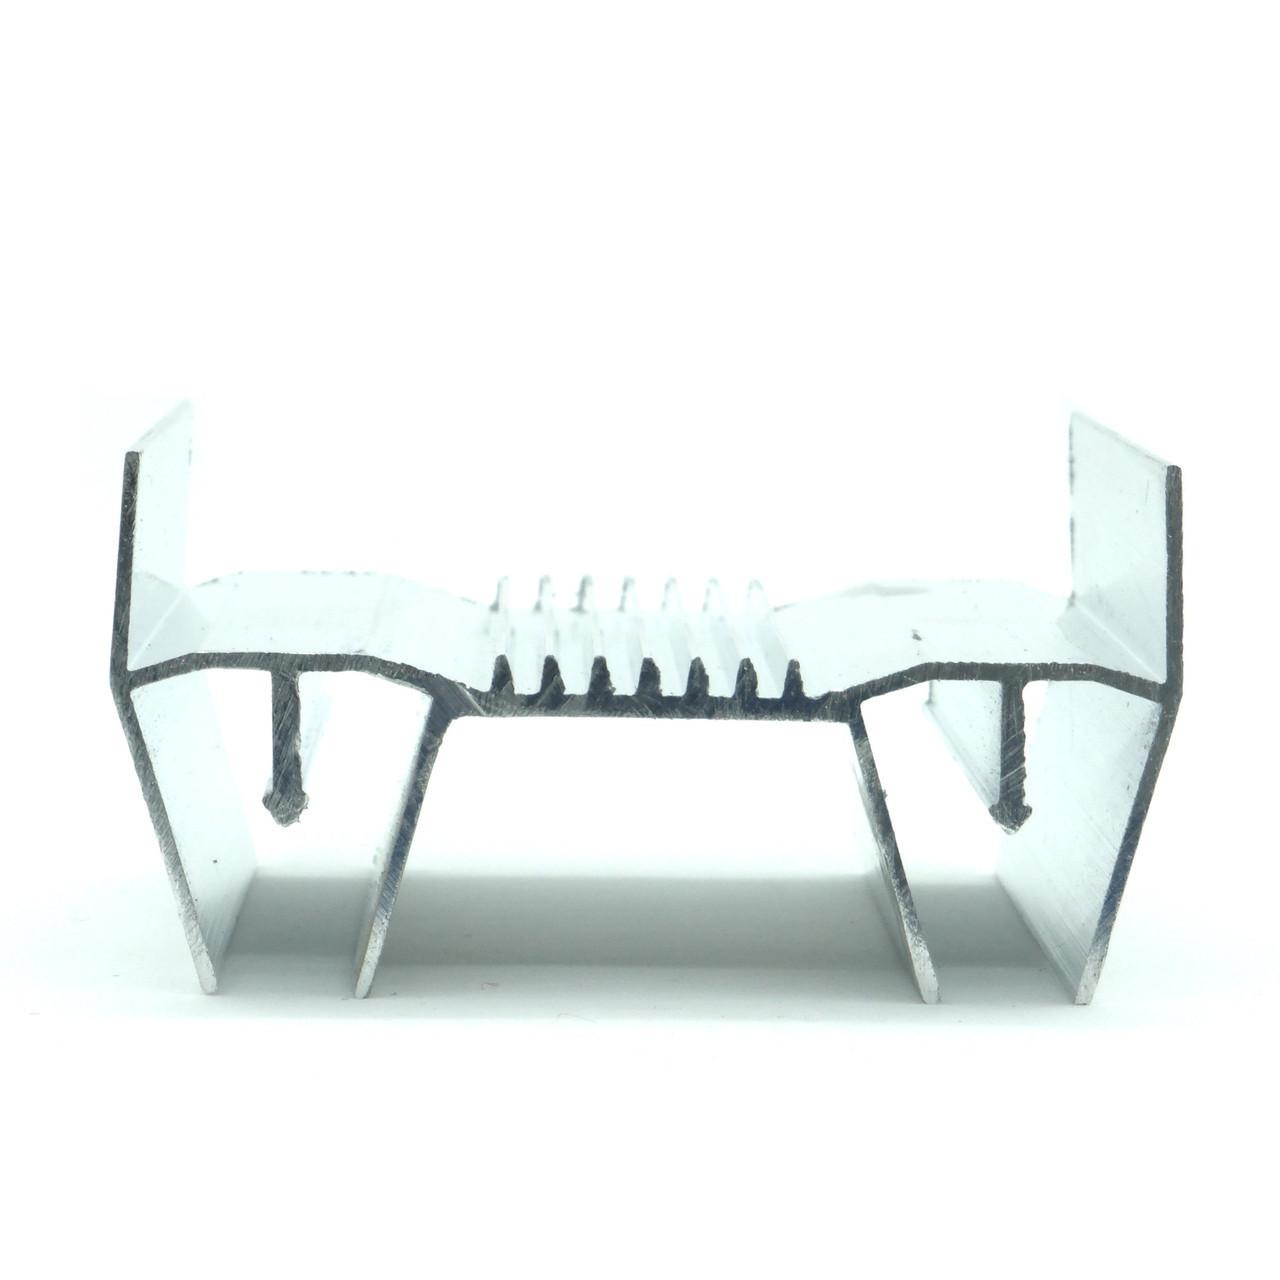 Профіль алюмінієвий для натяжних стель - ширяюча лінія. Довжина профілю 2,5 м.